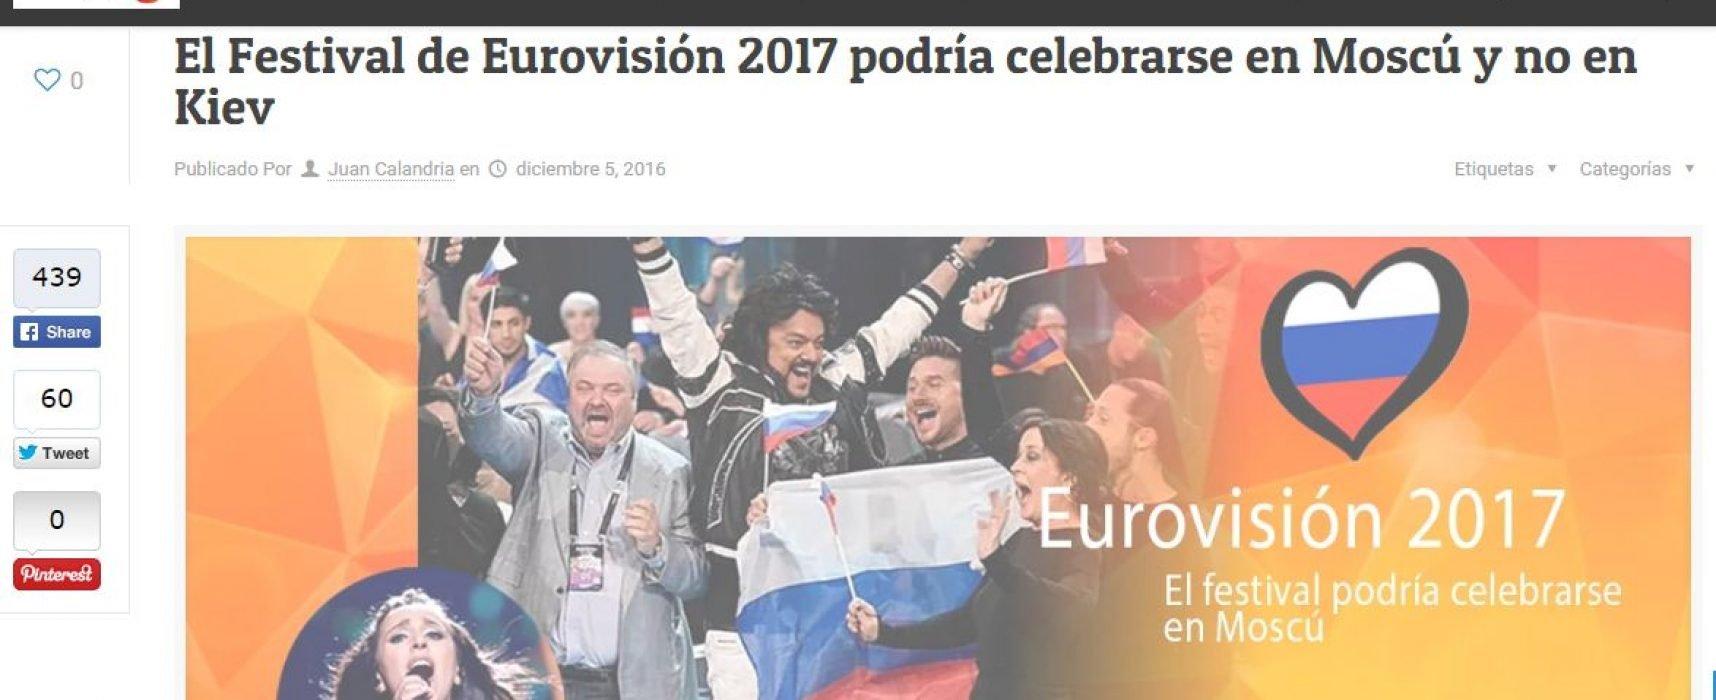 Falso: el concurso musical Eurovisión de nuevo se trasladaría a Moscú